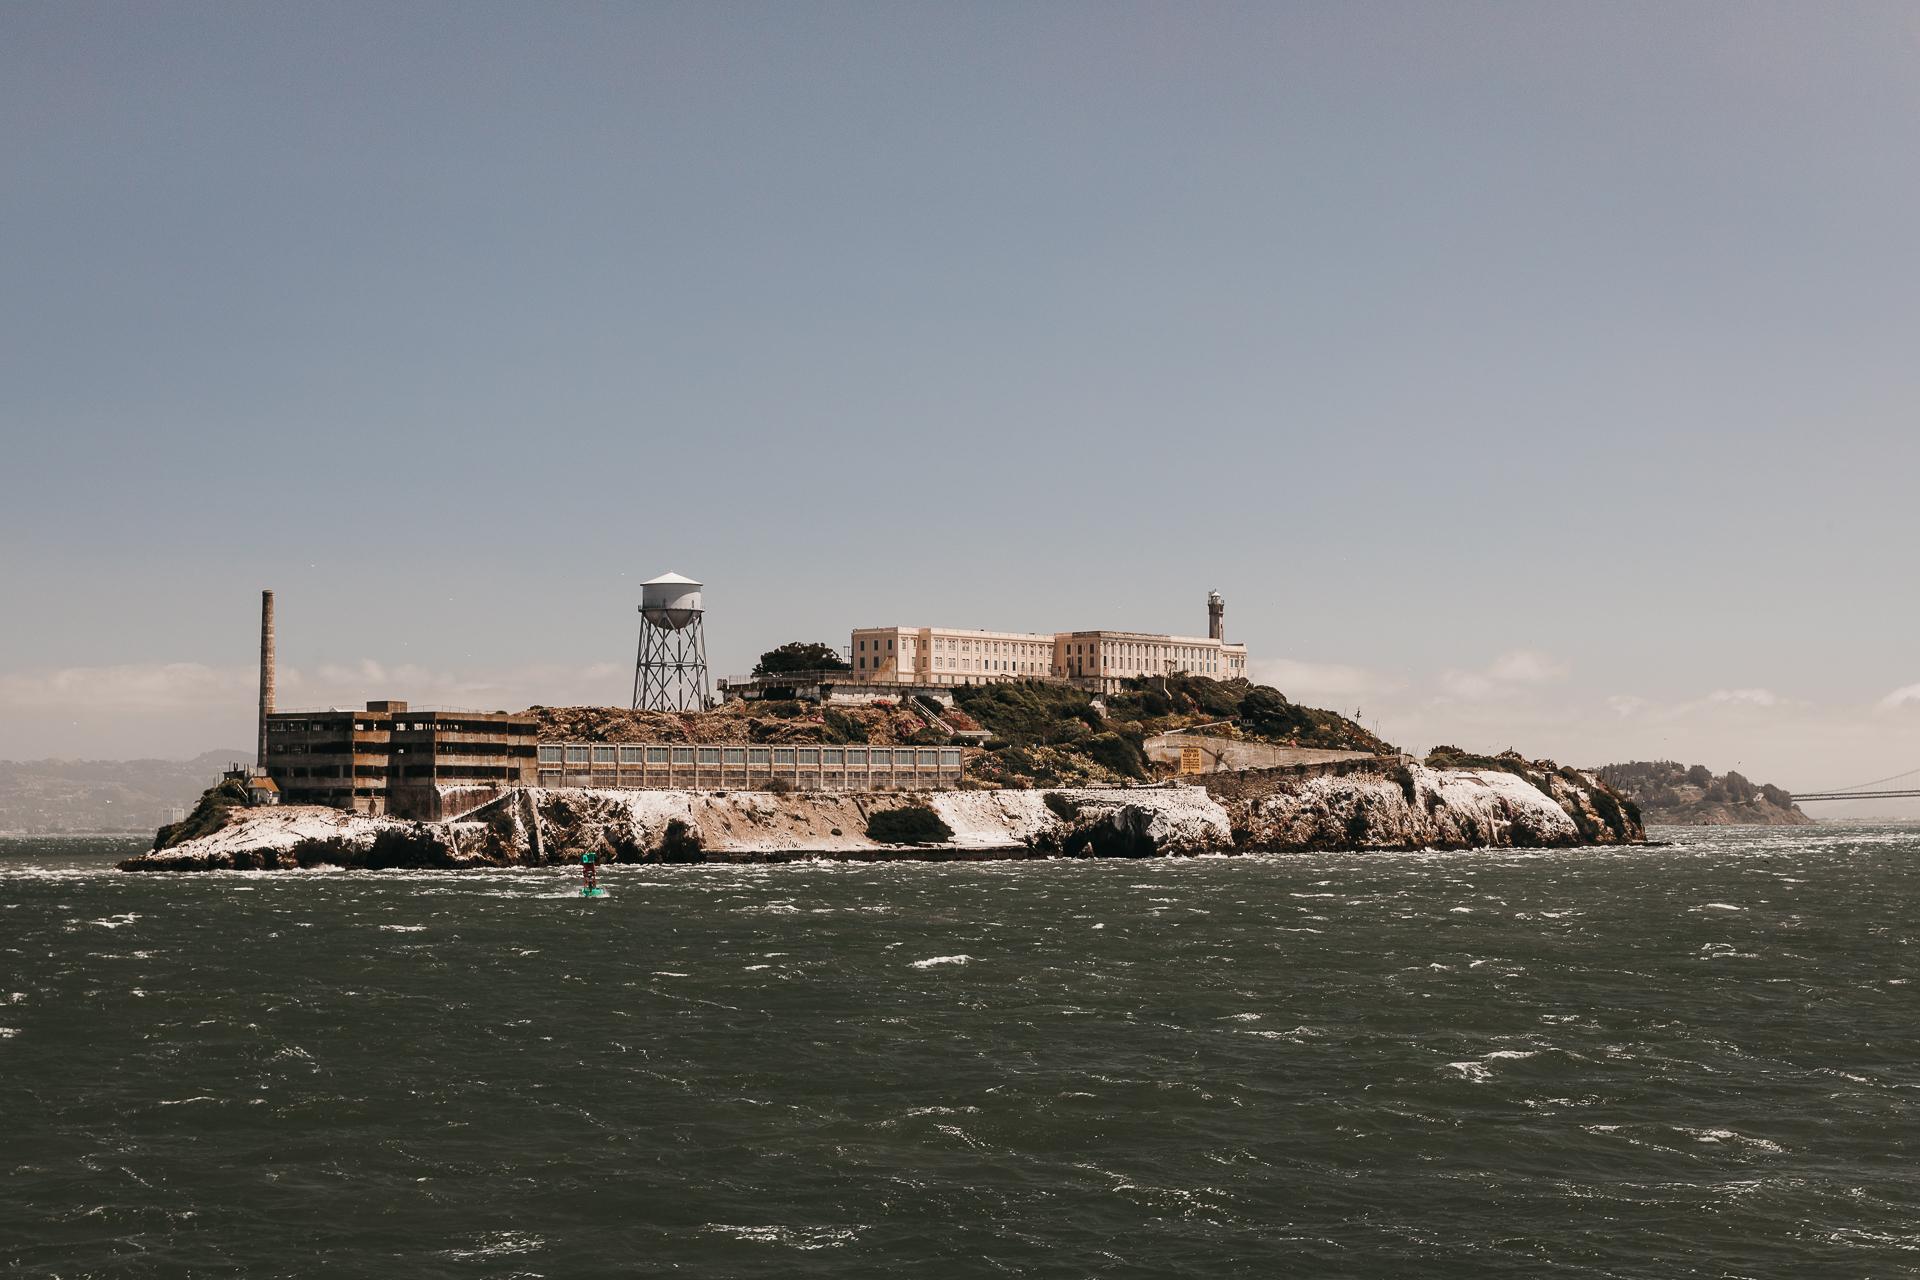 Alcatraz San Francisco Bootsrunsfahrt Eintritt Preise